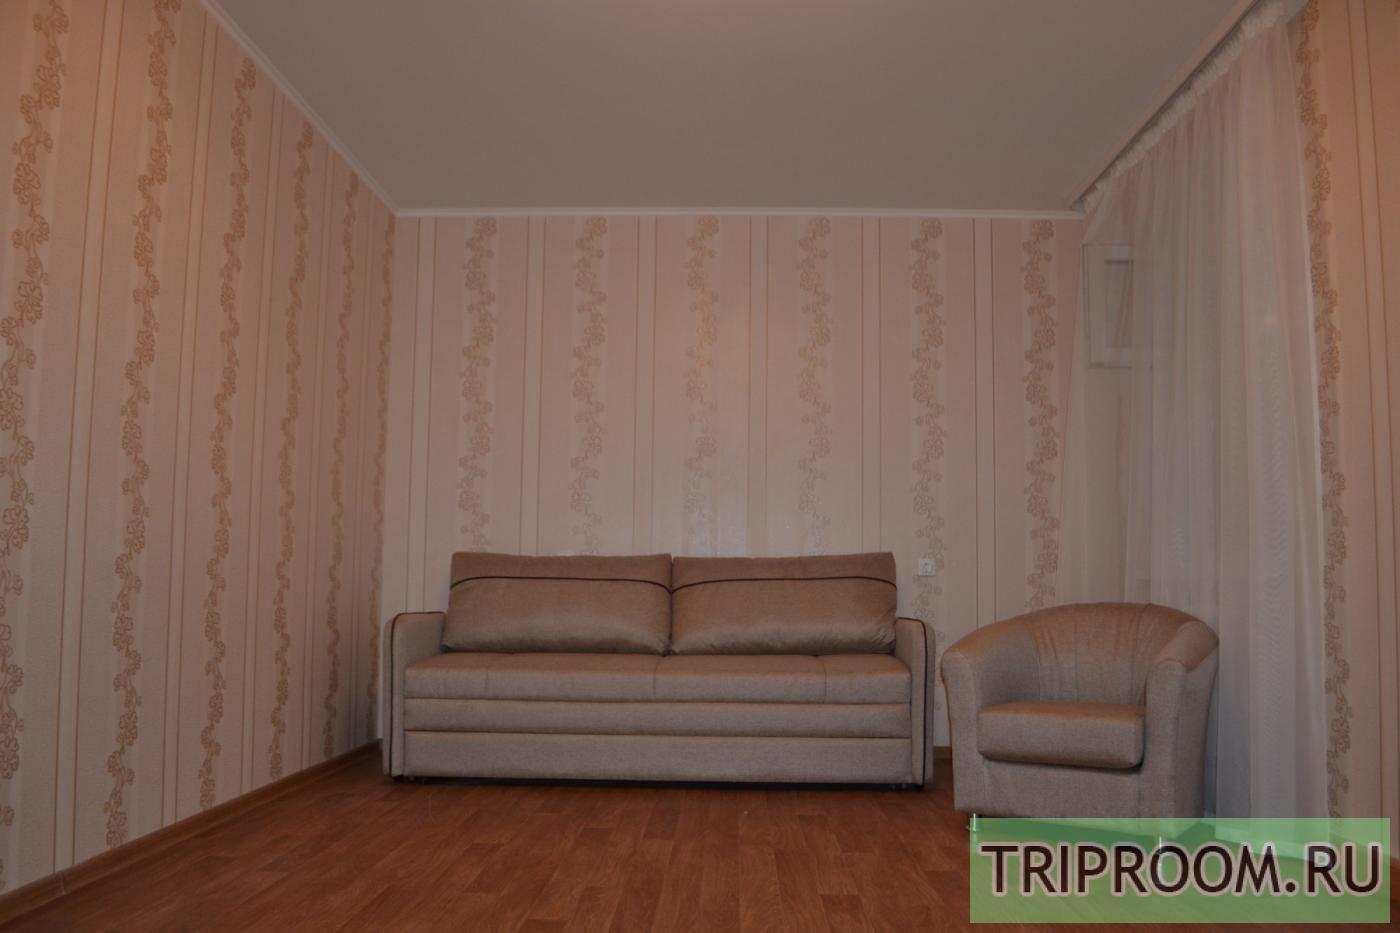 2-комнатная квартира посуточно (вариант № 23174), ул. Овчинникова улица, фото № 10